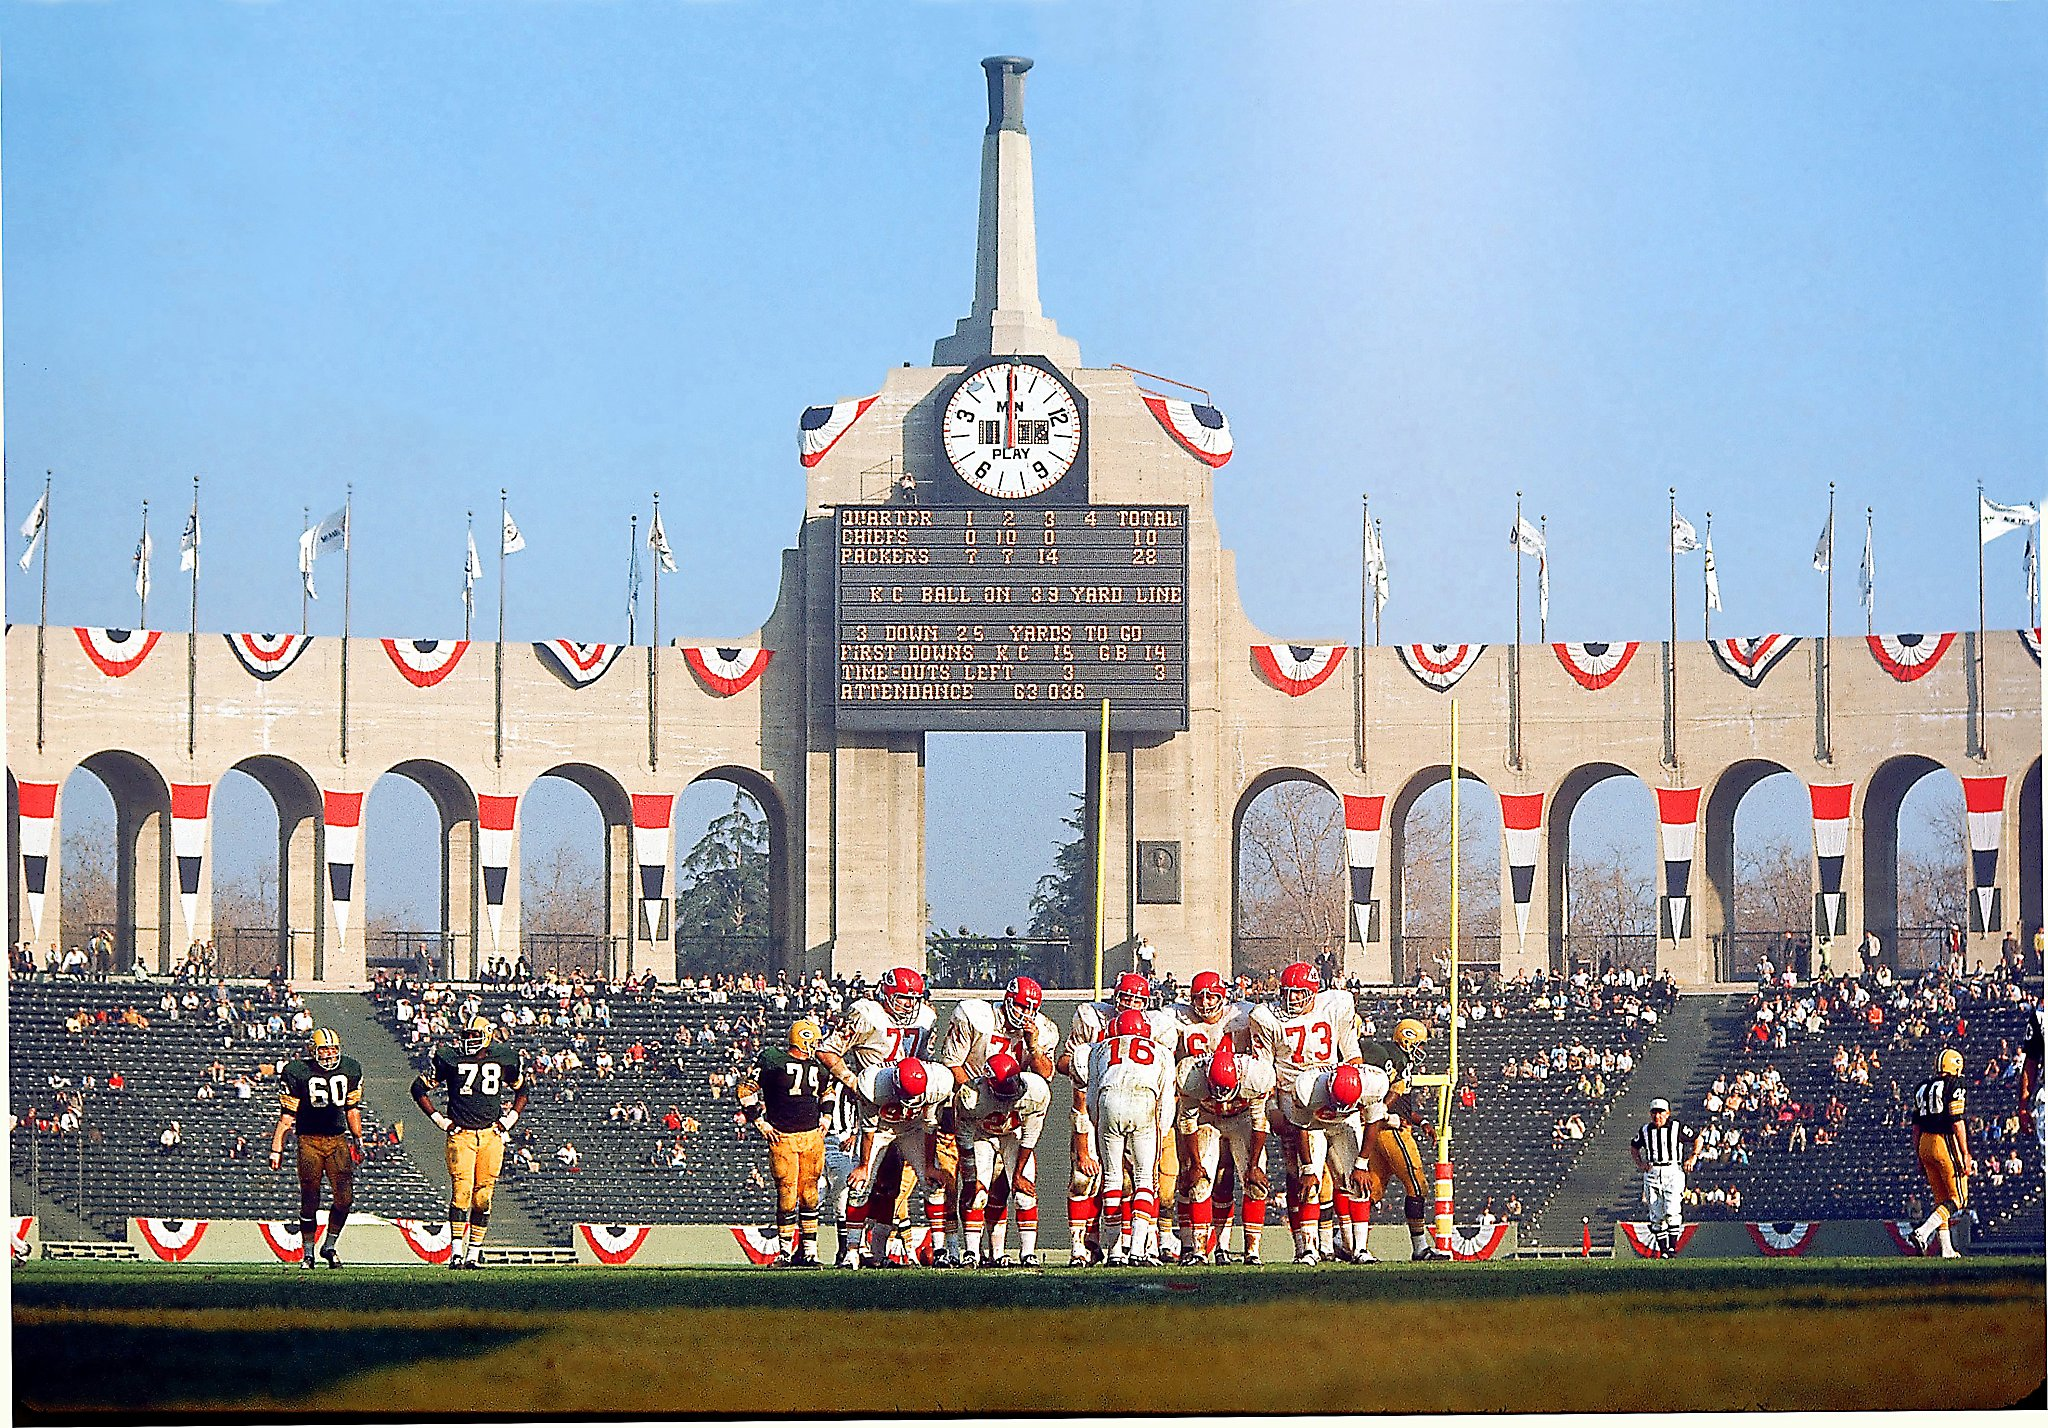 Super Bowl got its start at L.A. Coliseum